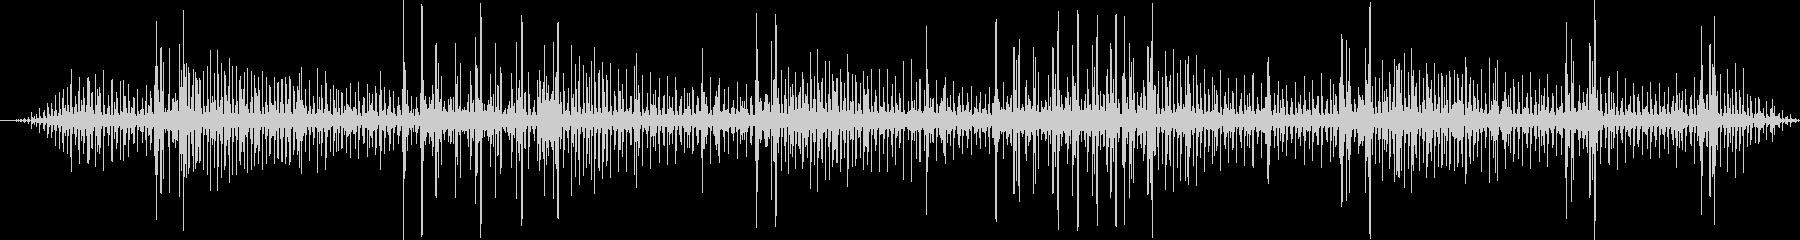 アンティーク1900スチームエンジ...の未再生の波形